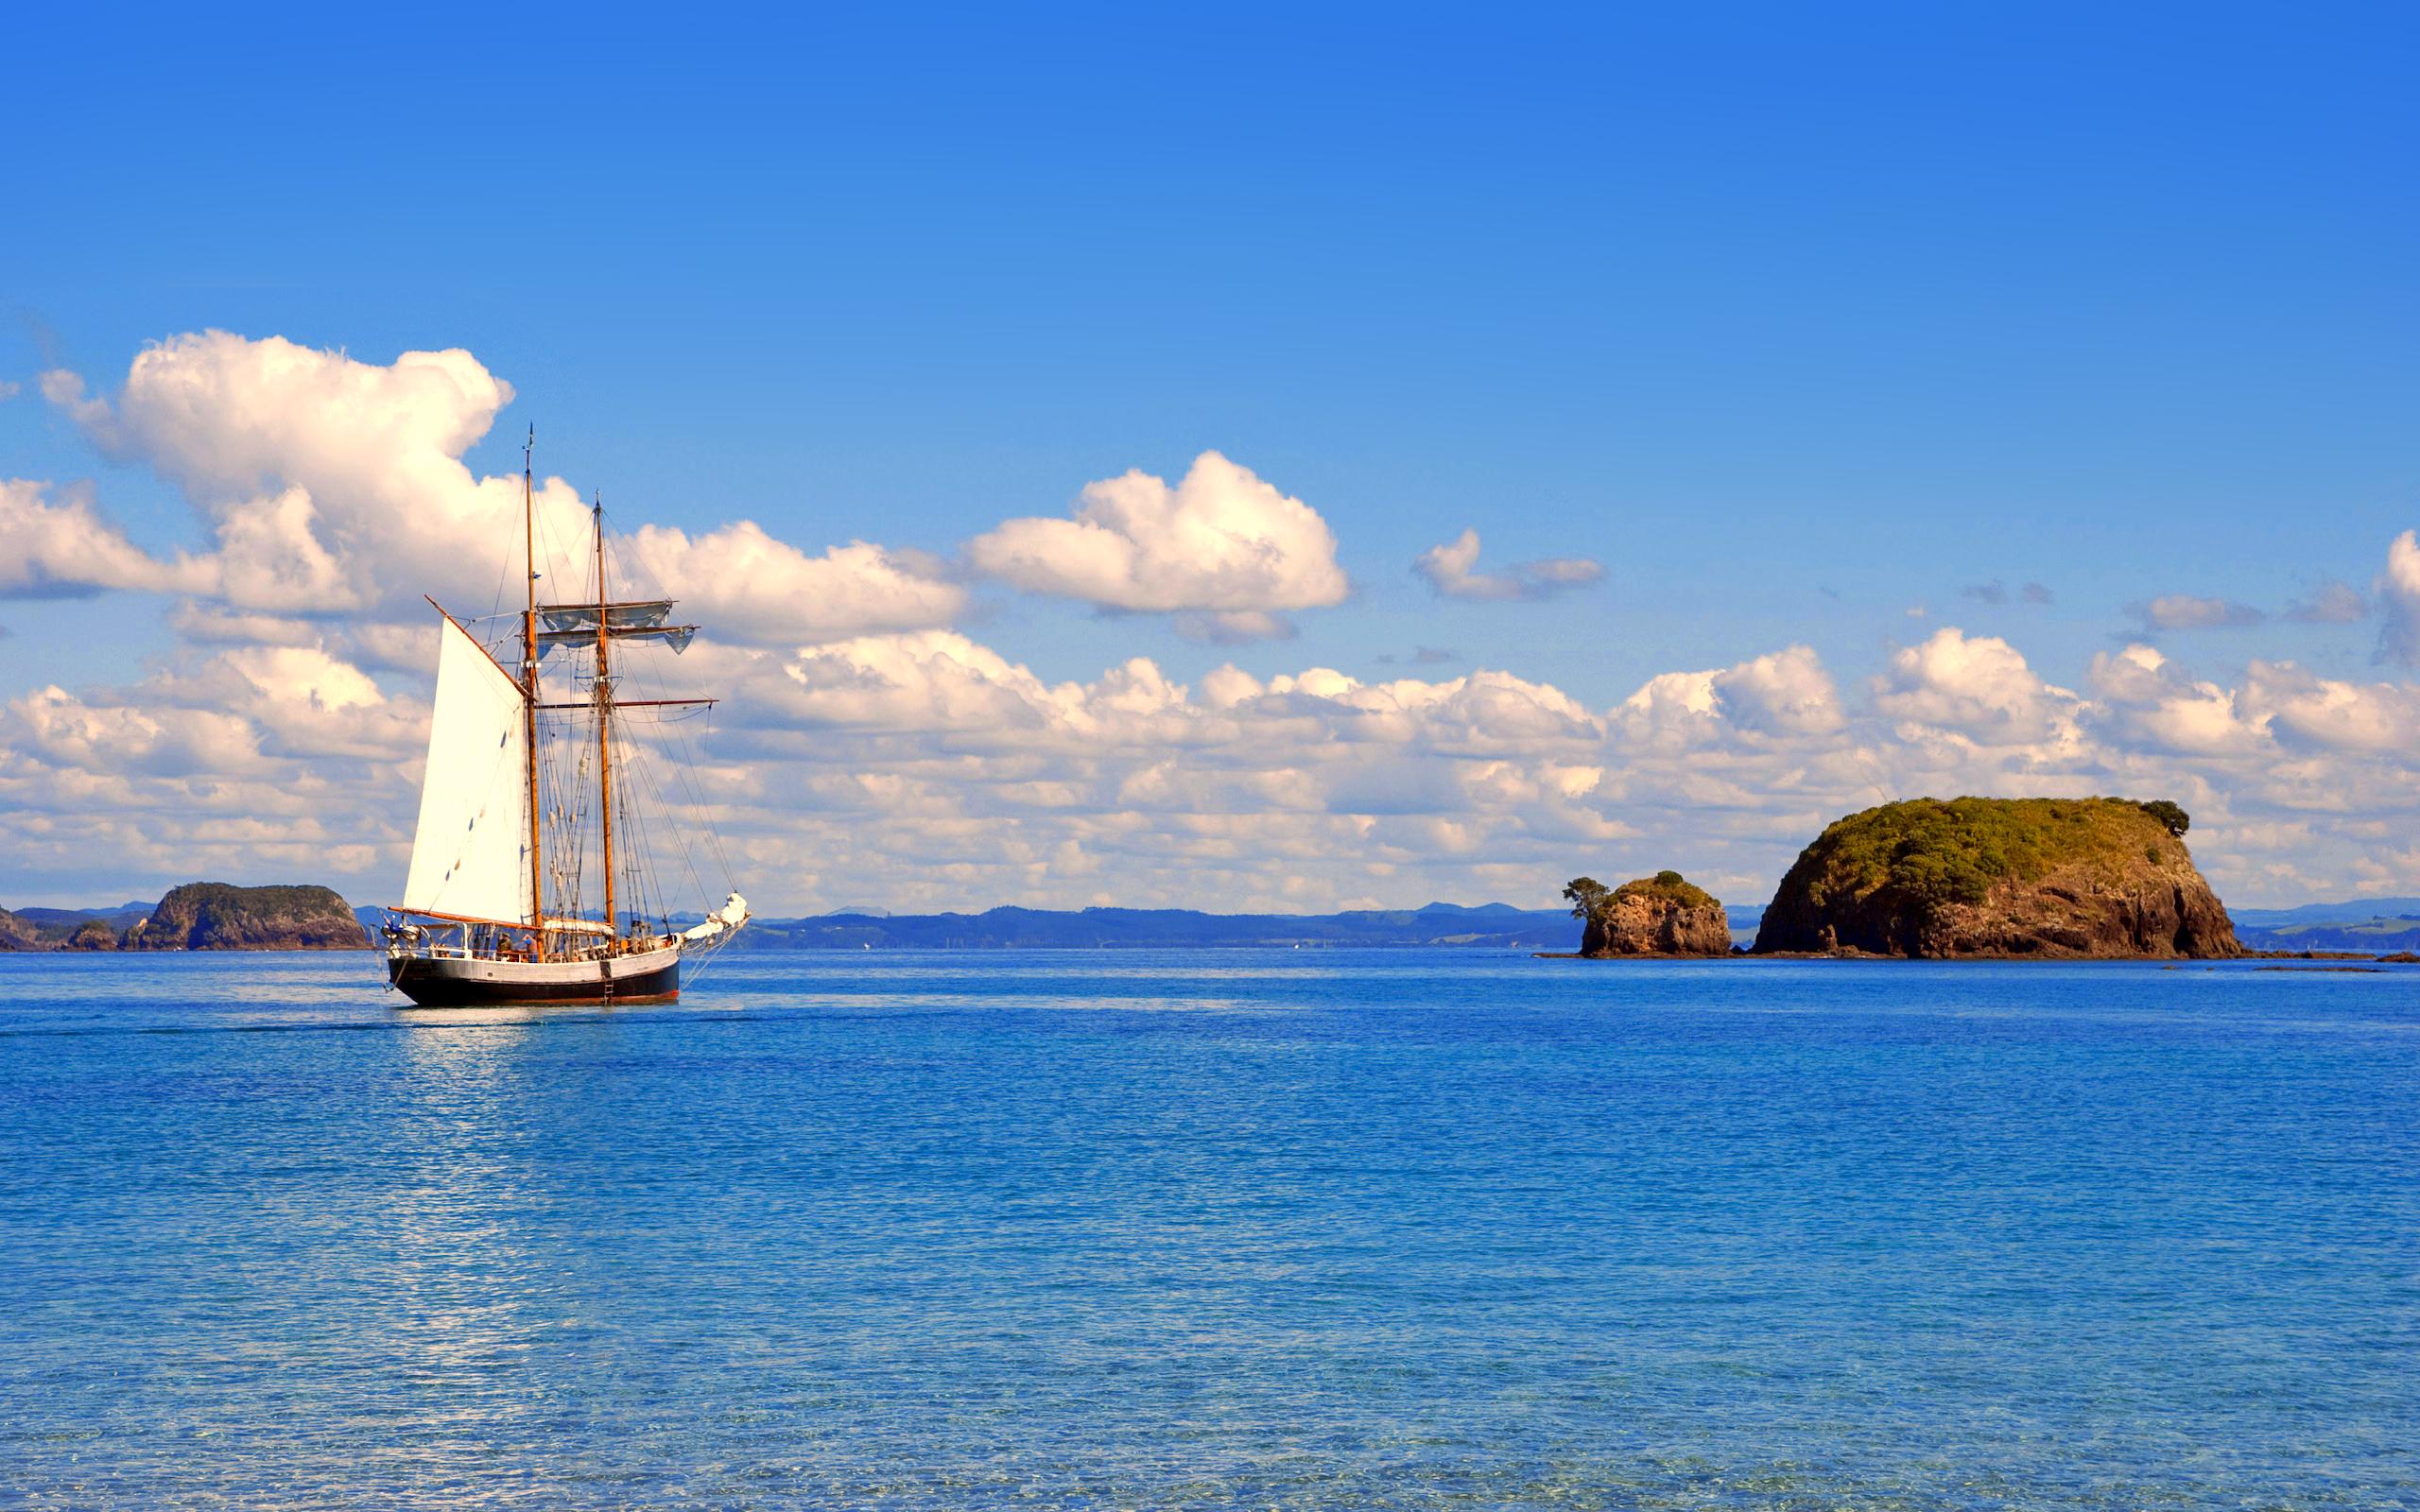 море, корабль, остров